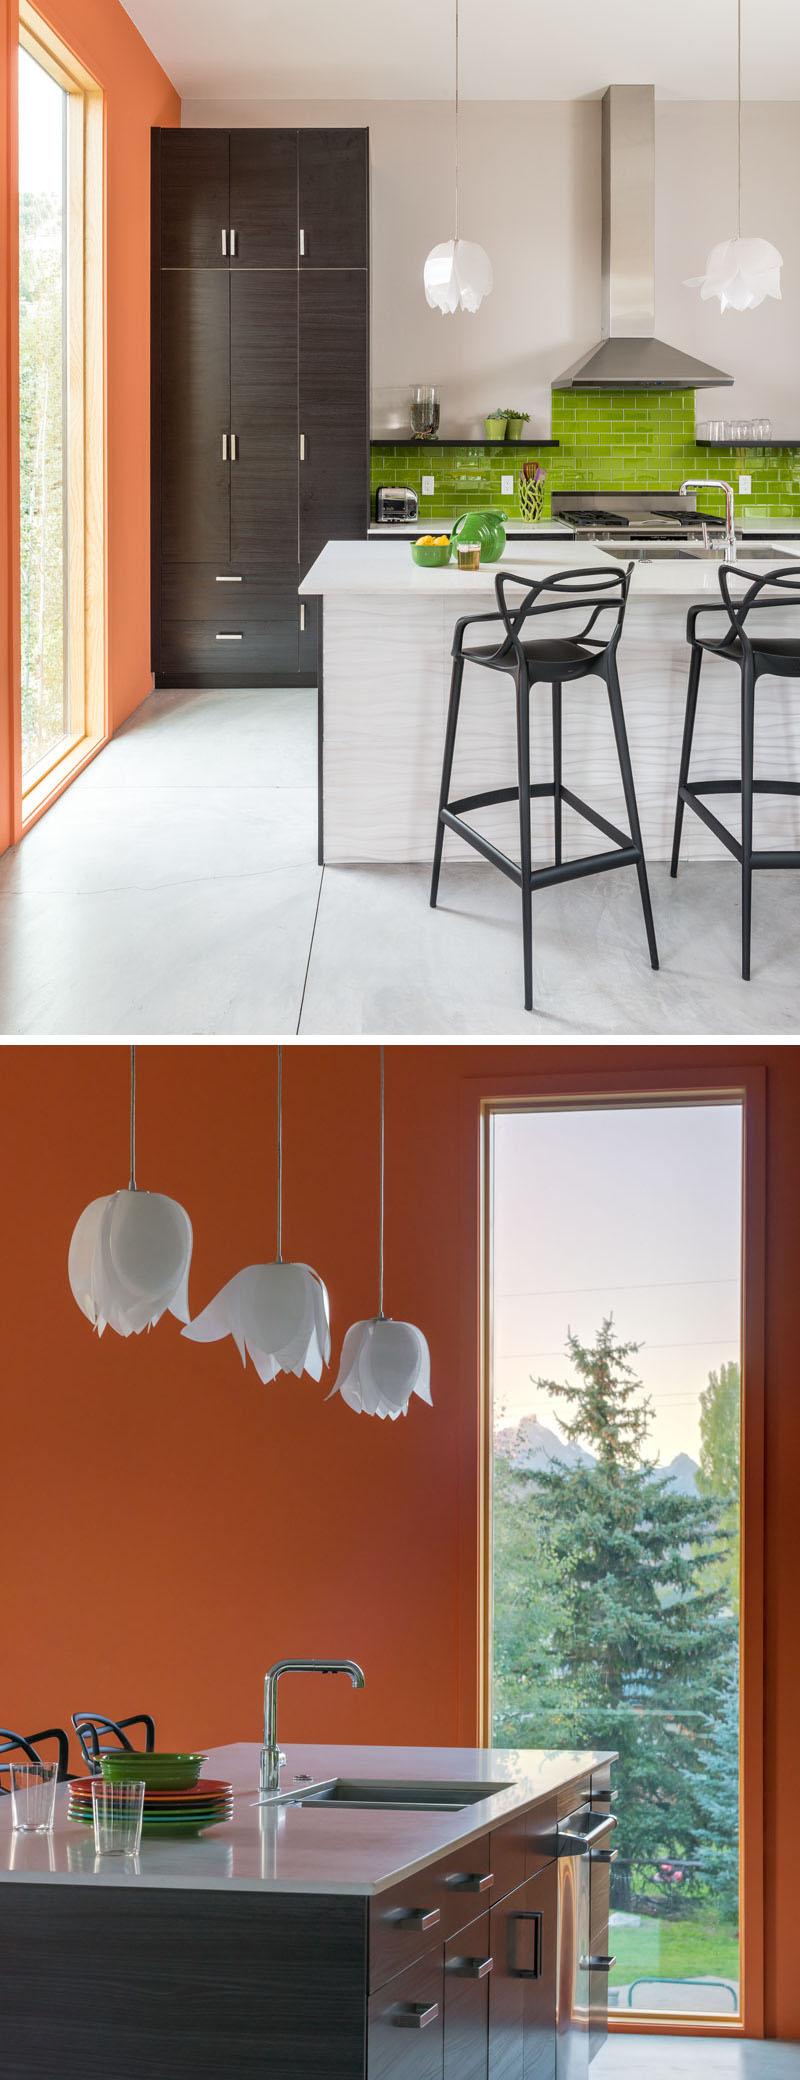 contemporary-architecture_120916_06